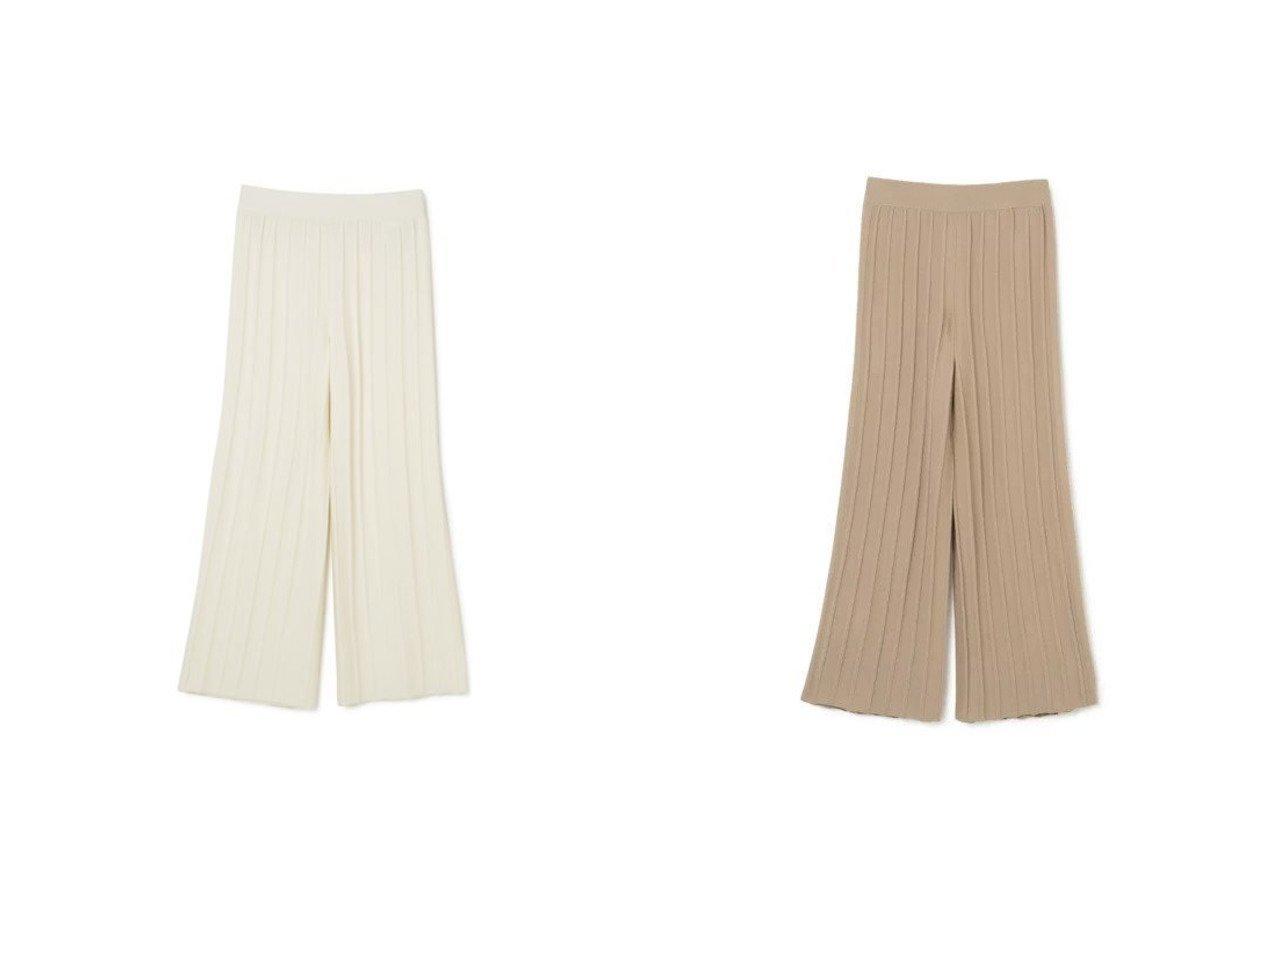 【theory/セオリー】のEMPIRE WOOL WIDE RIB PANT 【パンツ】おすすめ!人気、トレンド・レディースファッションの通販     レディースファッション・服の通販 founy(ファニー)